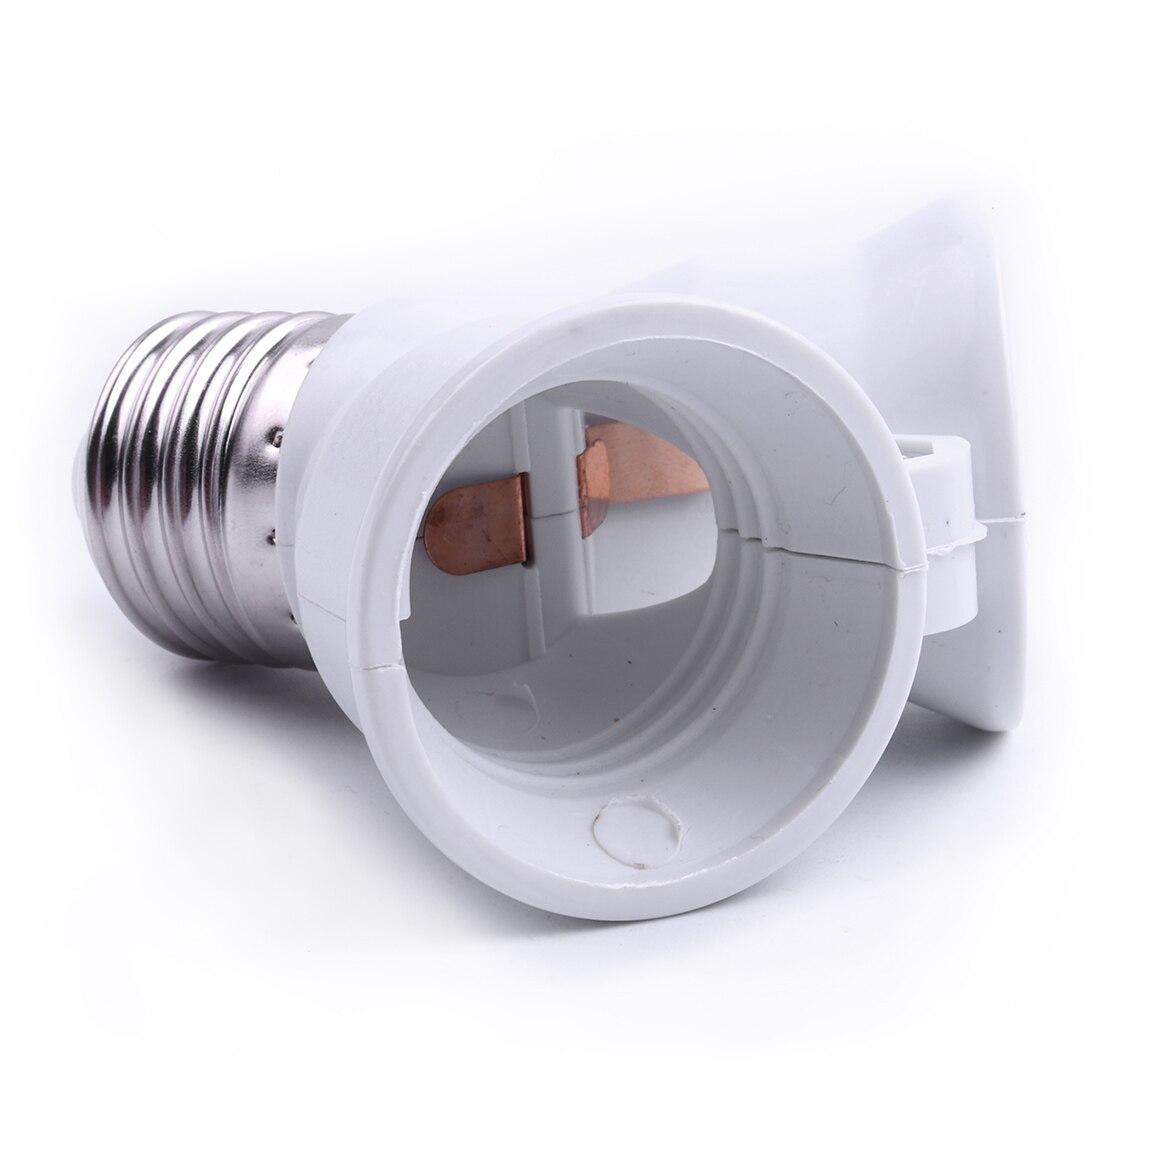 luz soquete y forma 2 divisor conversor